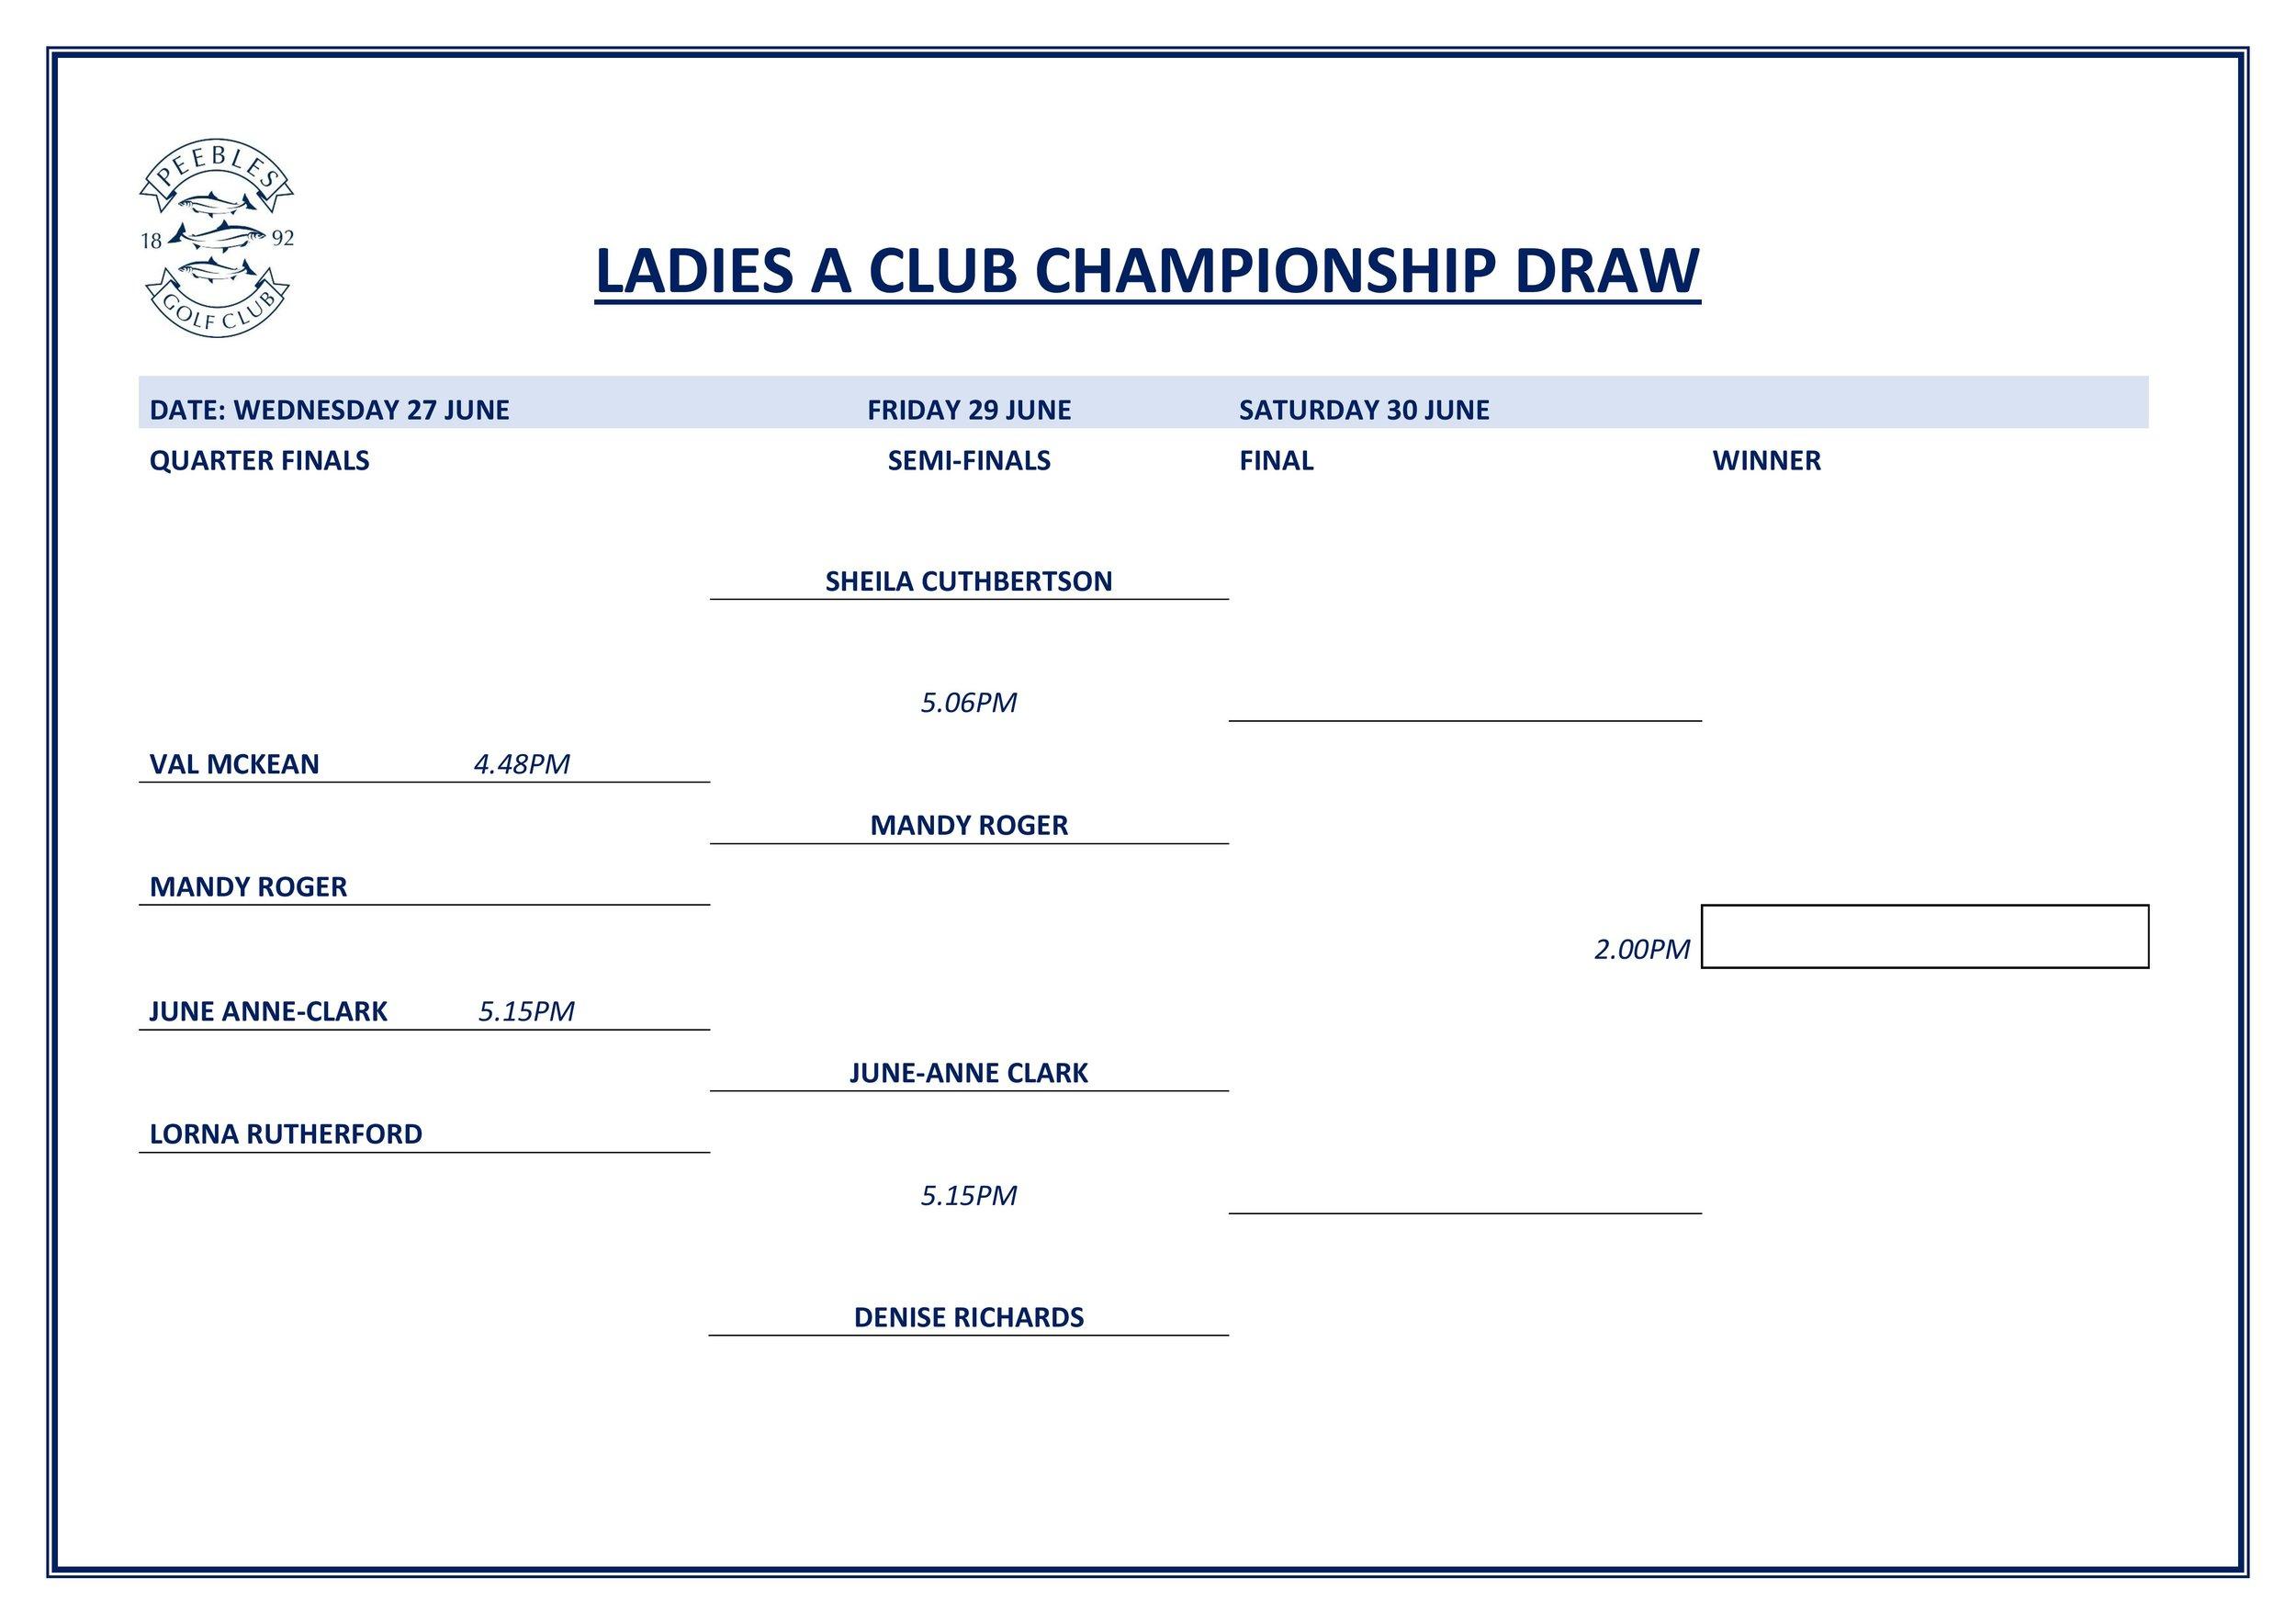 CLUB CHAMPIONSHIP DRAW LADIES A-page-001.jpg